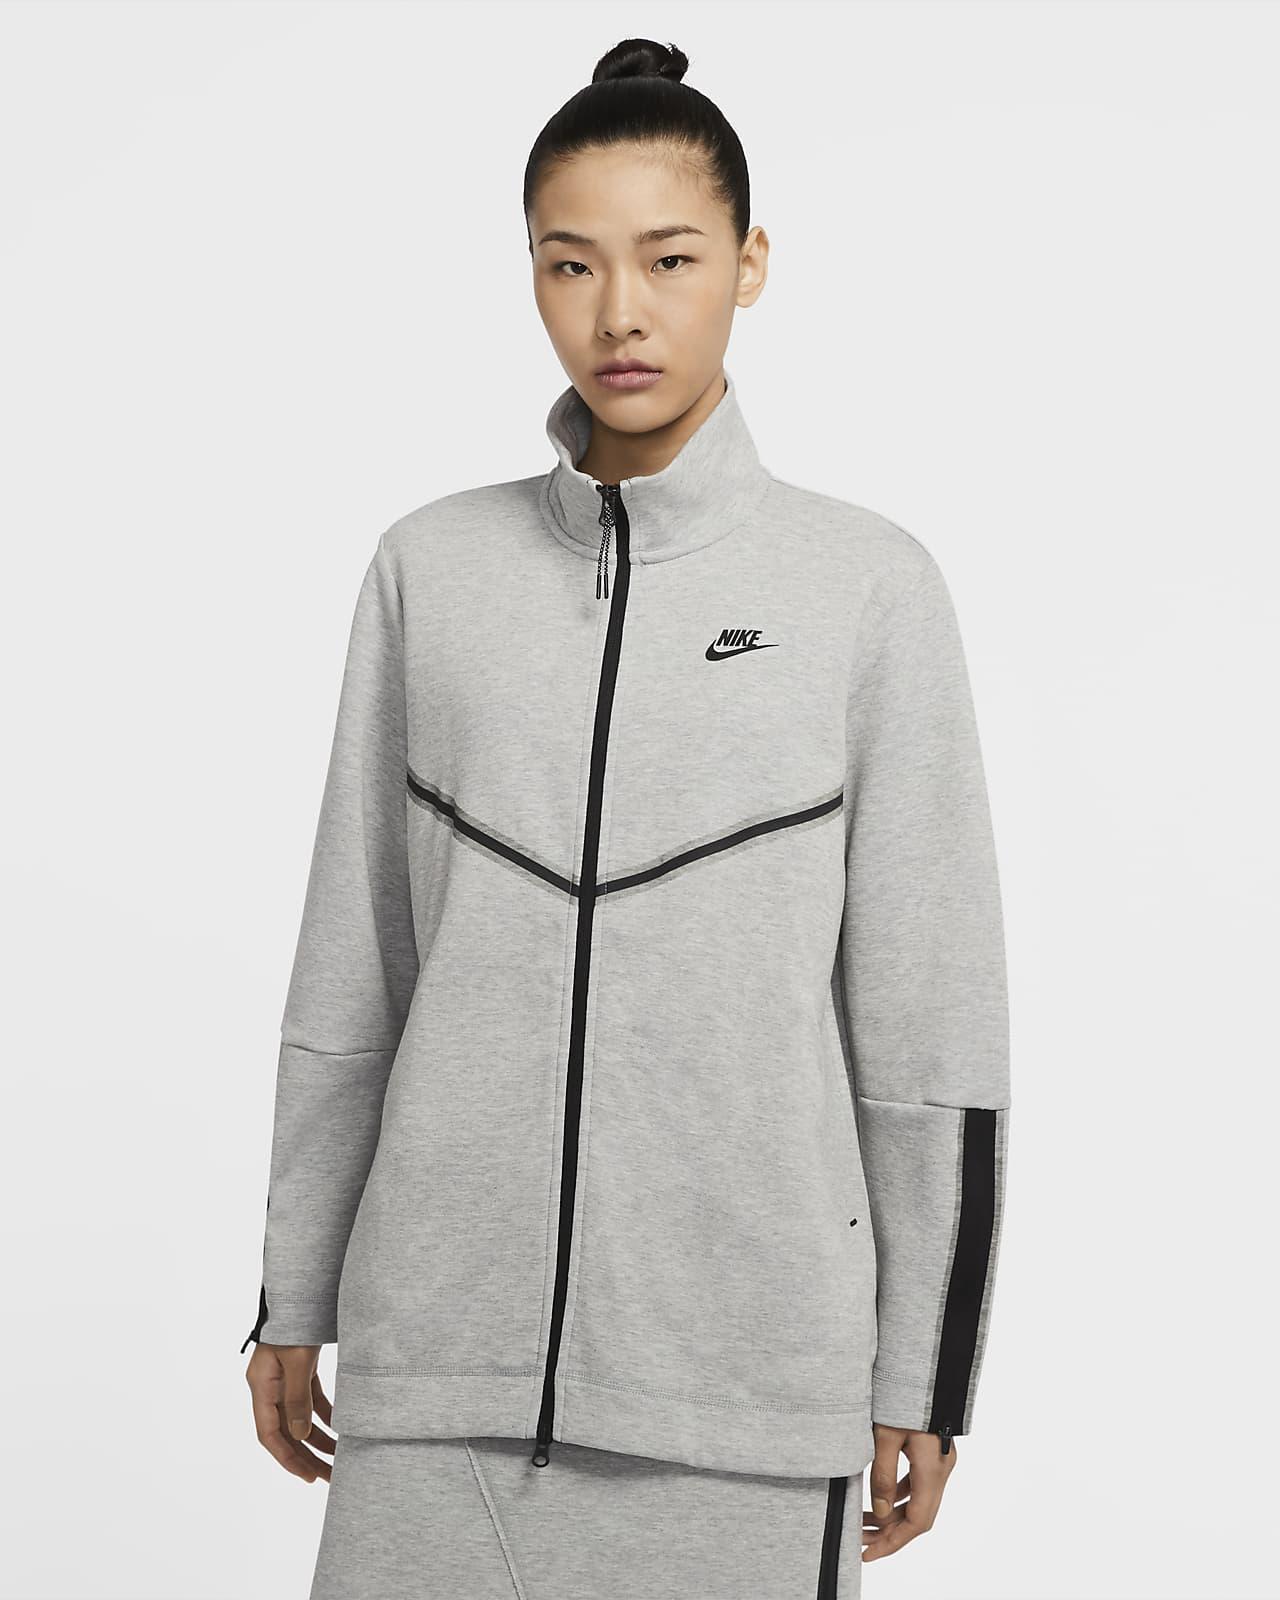 Nike Sportswear Tech Fleece Women S Full Zip Long Sleeve Nike Com